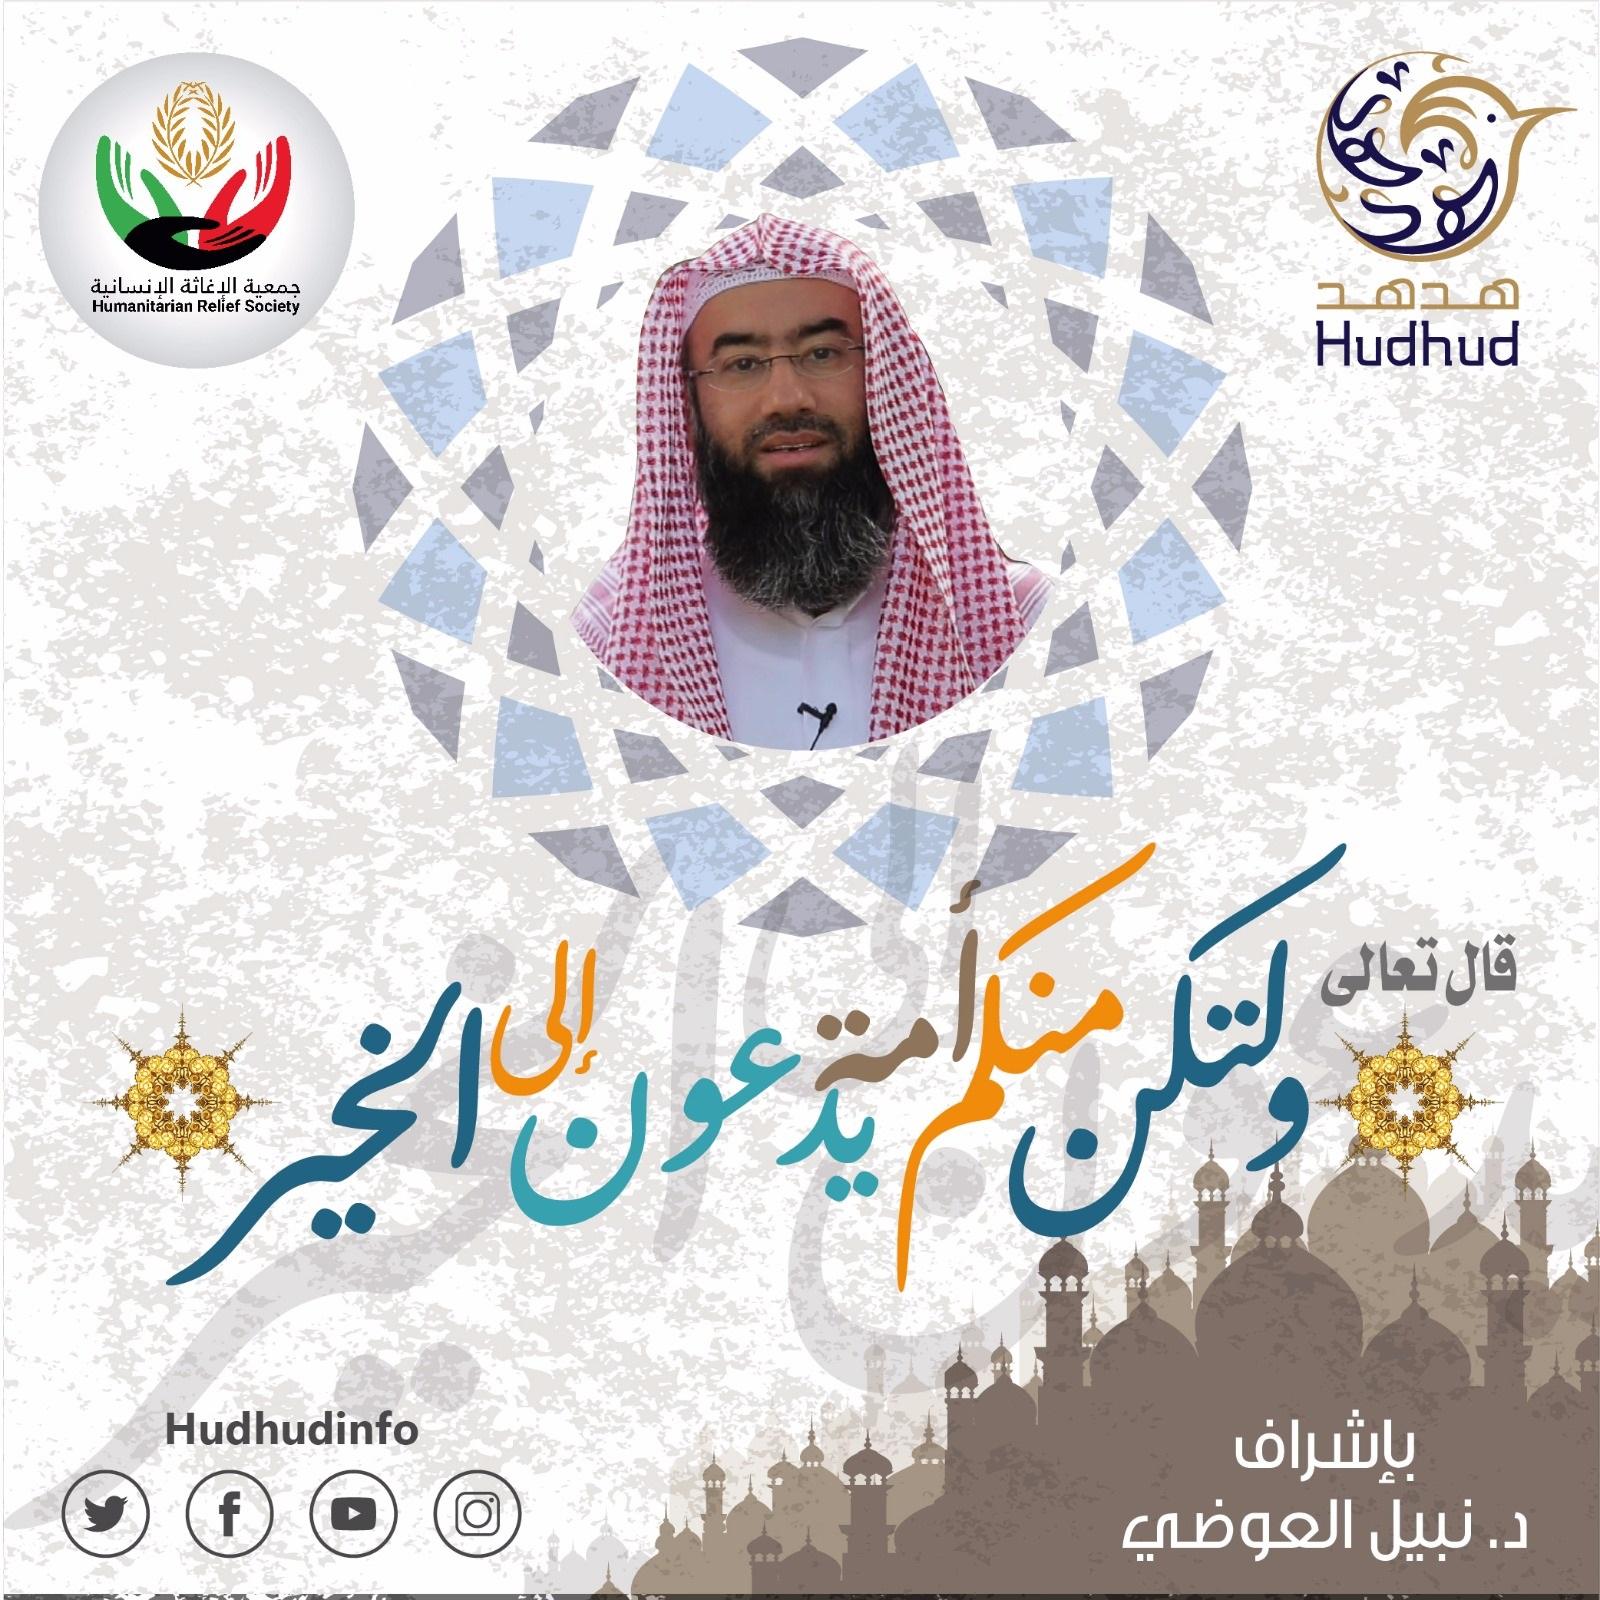 ساهم الآن في #مشروع_هدهد للتعريف بالإسلام